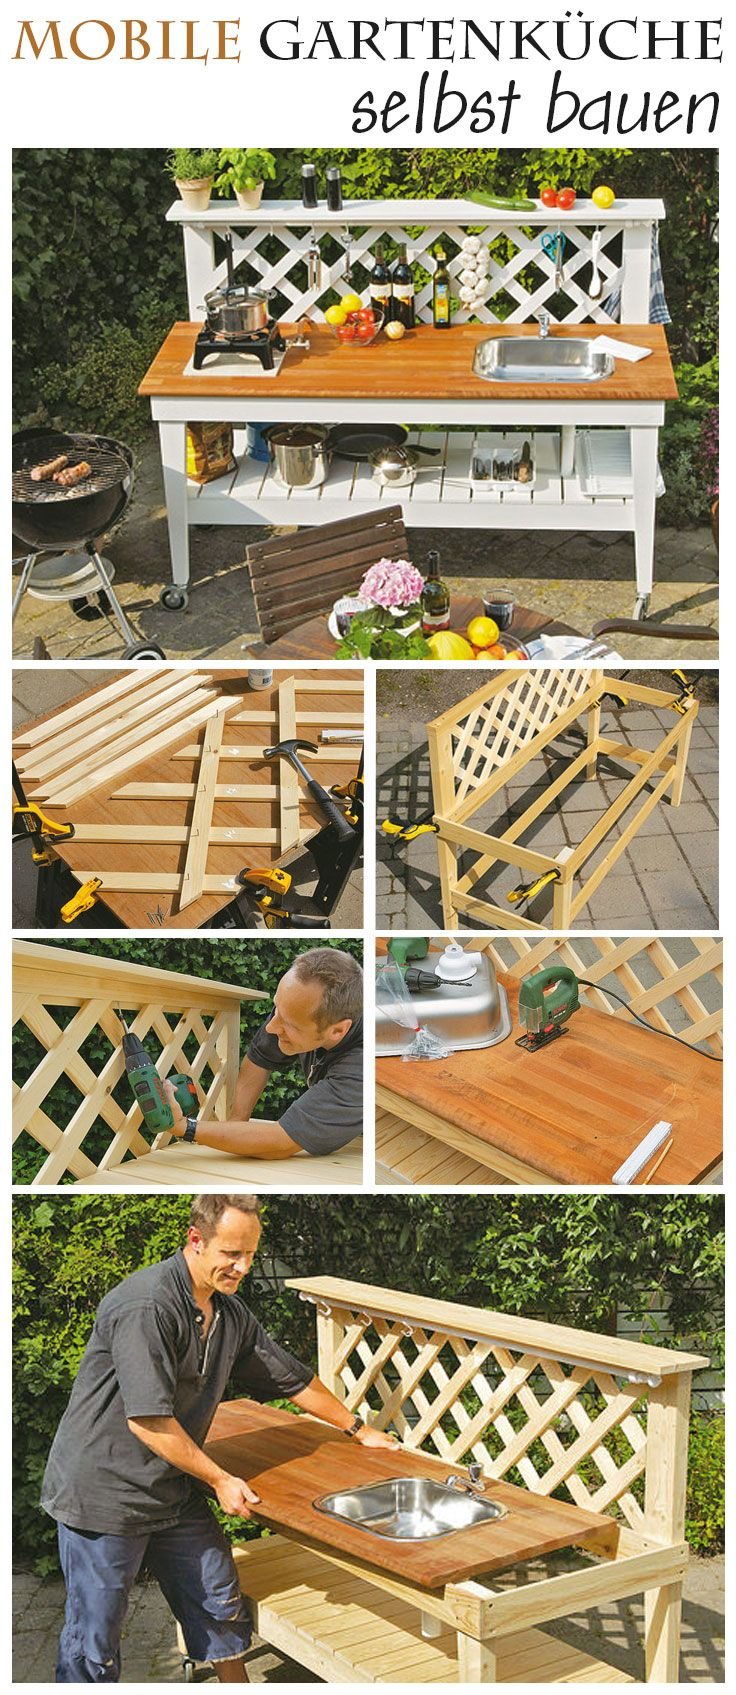 25 trendige terrasse bauen ideen auf pinterest selber bauen terrasse terrassenpflanzen und. Black Bedroom Furniture Sets. Home Design Ideas